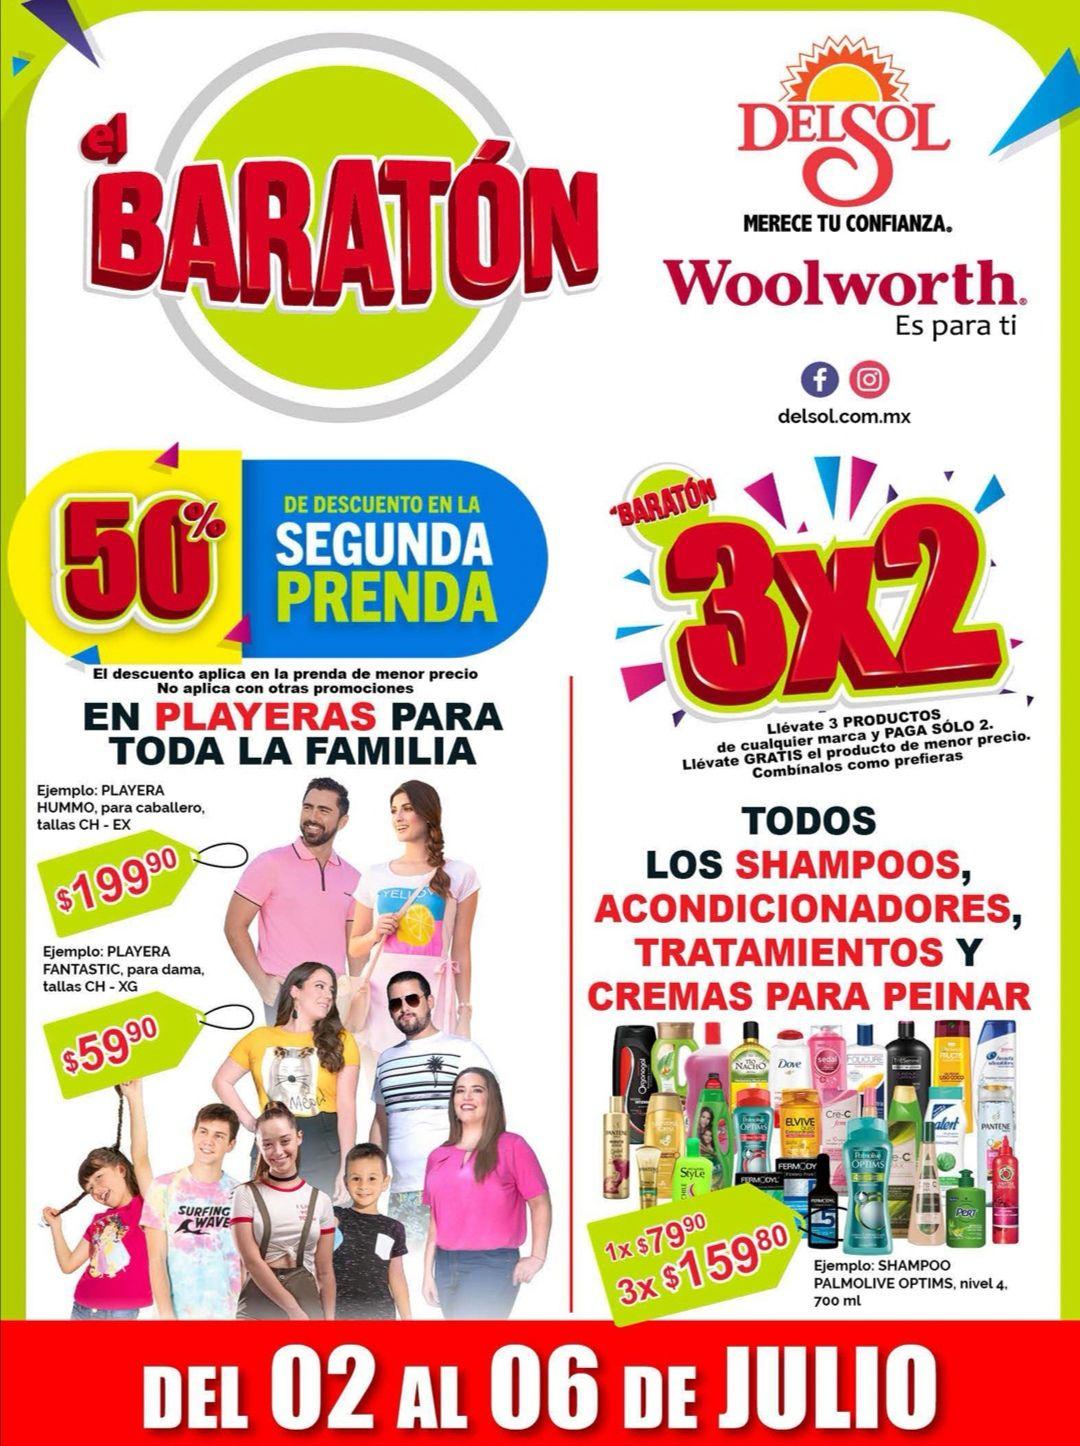 """Woolworth y Del Sol: 2° Folleto de Ofertas """"El Baratón"""" del Jueves 2 al Lunes 6 de Julio"""